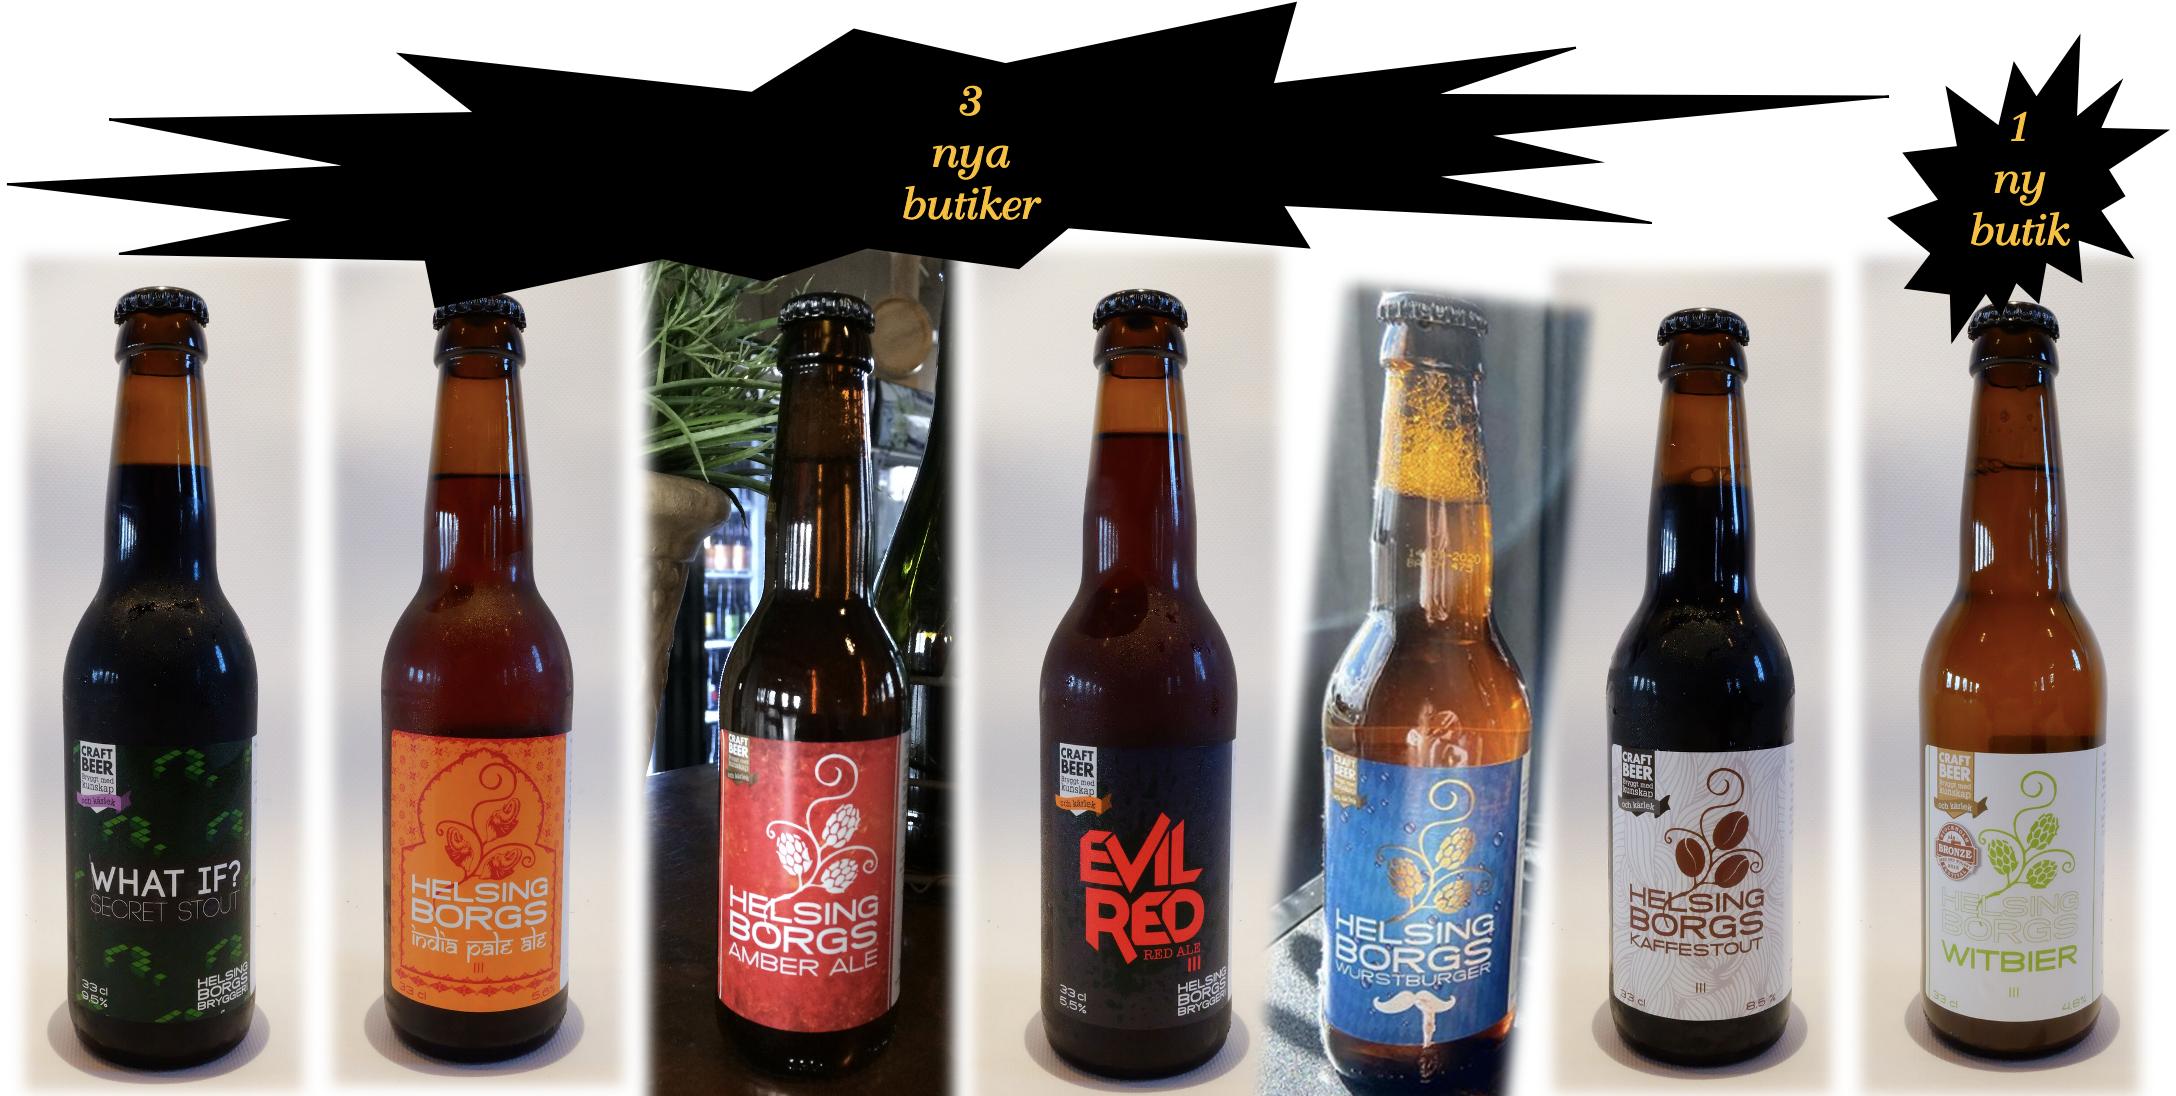 Fler Butiker På Systembolaget Har Vår öl. Utvärdering TSLS Systembolaget